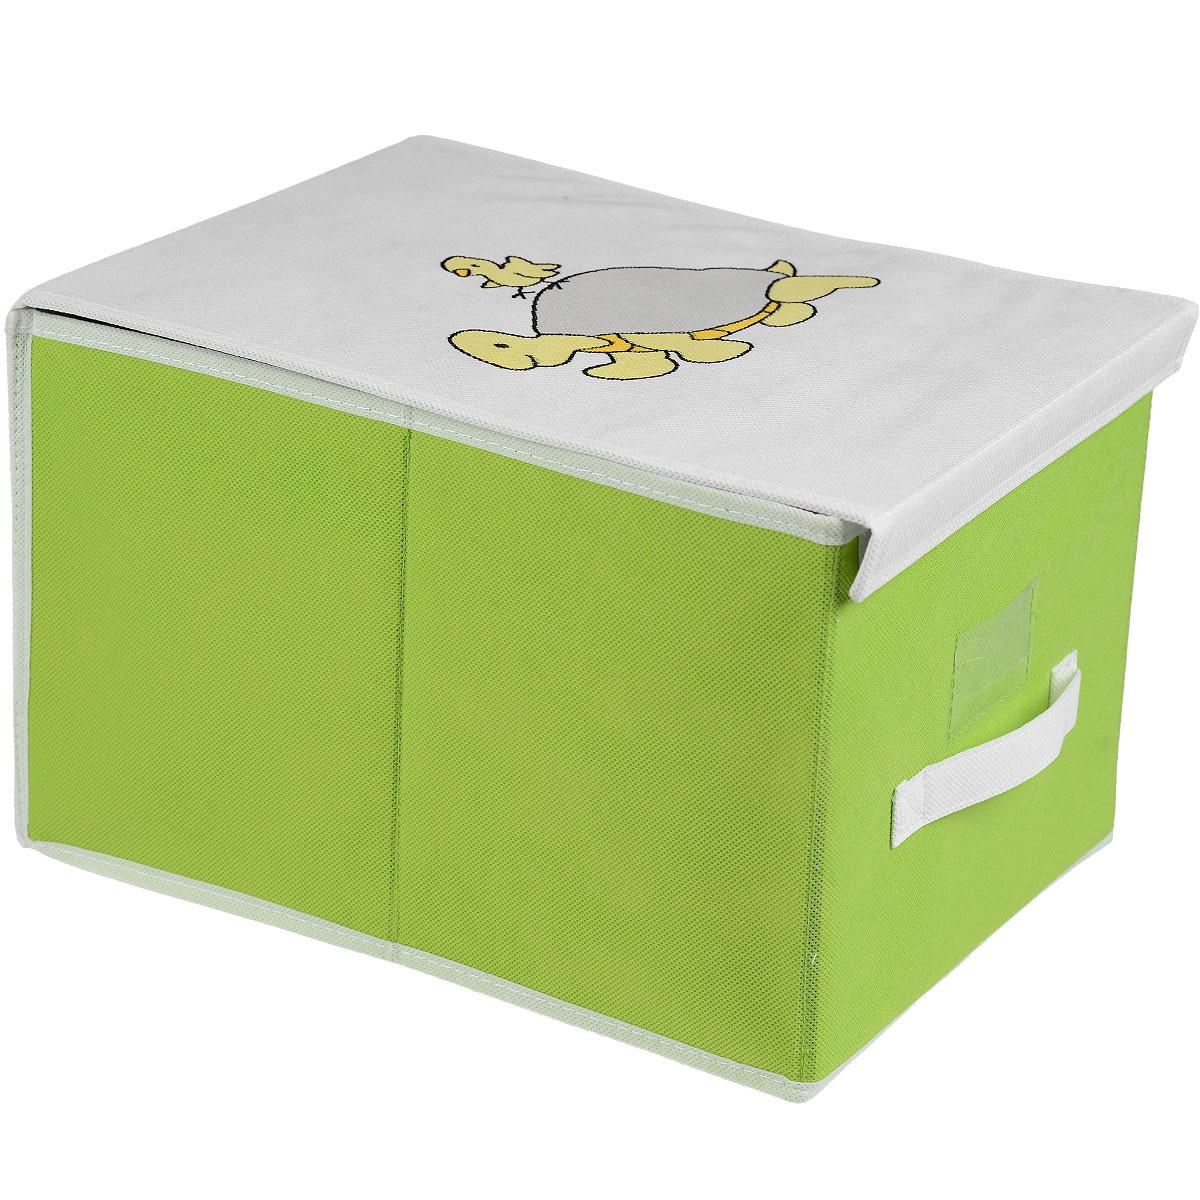 Чехол для хранения Voila Baby, цвет: салатовый, 30 х 40 х 25 см96515412Чехол Voila Baby выполнен из дышащего нетканого материала (полипропилен), безопасного в использовании. Изделие предназначено для хранения вещей. Он защитит вещи от повреждений, пыли, влаги и загрязнений во время хранения и транспортировки. Чехол идеально подходит для хранения детских вещей и игрушек. Жесткий каркас из плотного толстого картона, обеспечивает устойчивость конструкции. Изделие оформлено красочным изображением. Закрывается на липучки.